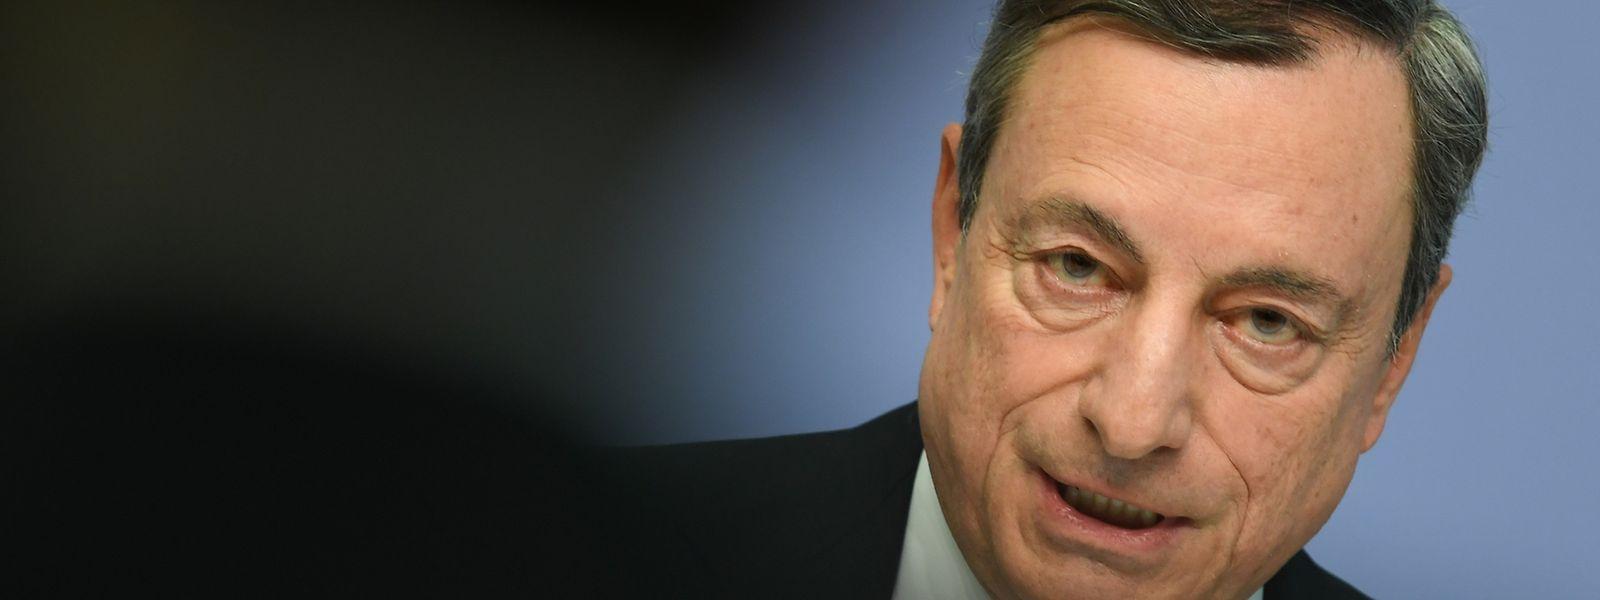 Mario Draghi spricht sich für eine engere Zusammenarbeit im Euro-Raum aus.